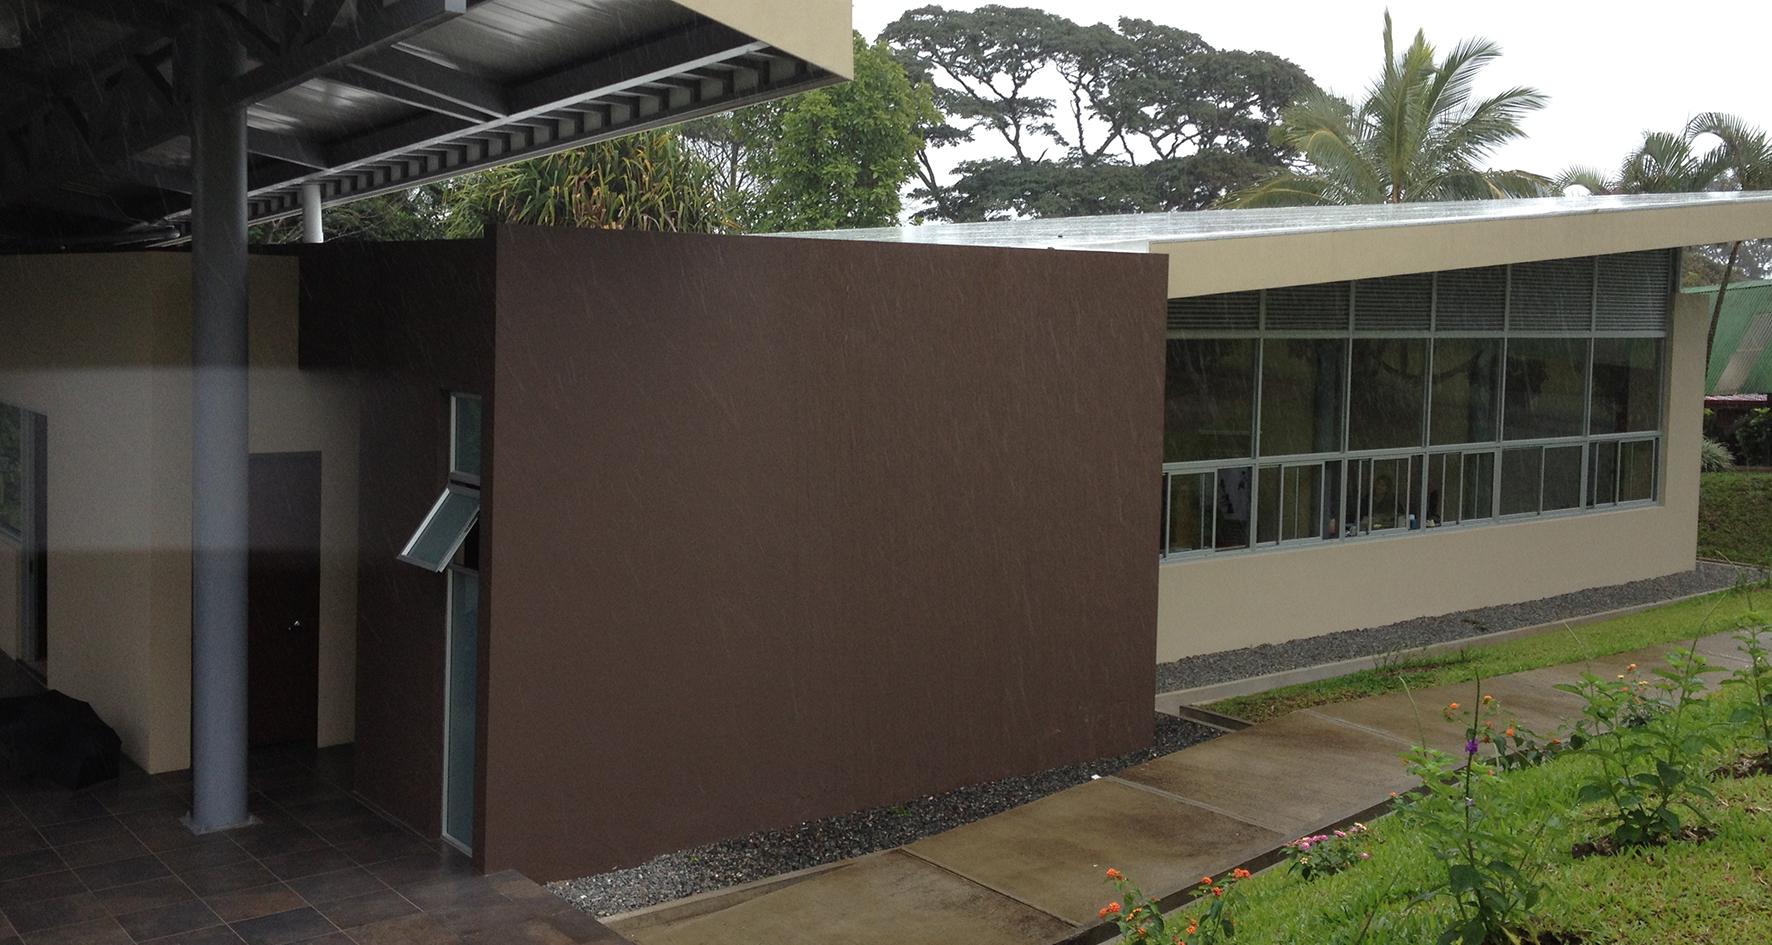 Carta de la Tierra,Universidad para la Paz - San José, Costa RicaLEED NC - v2009 - LEED Plata634m2